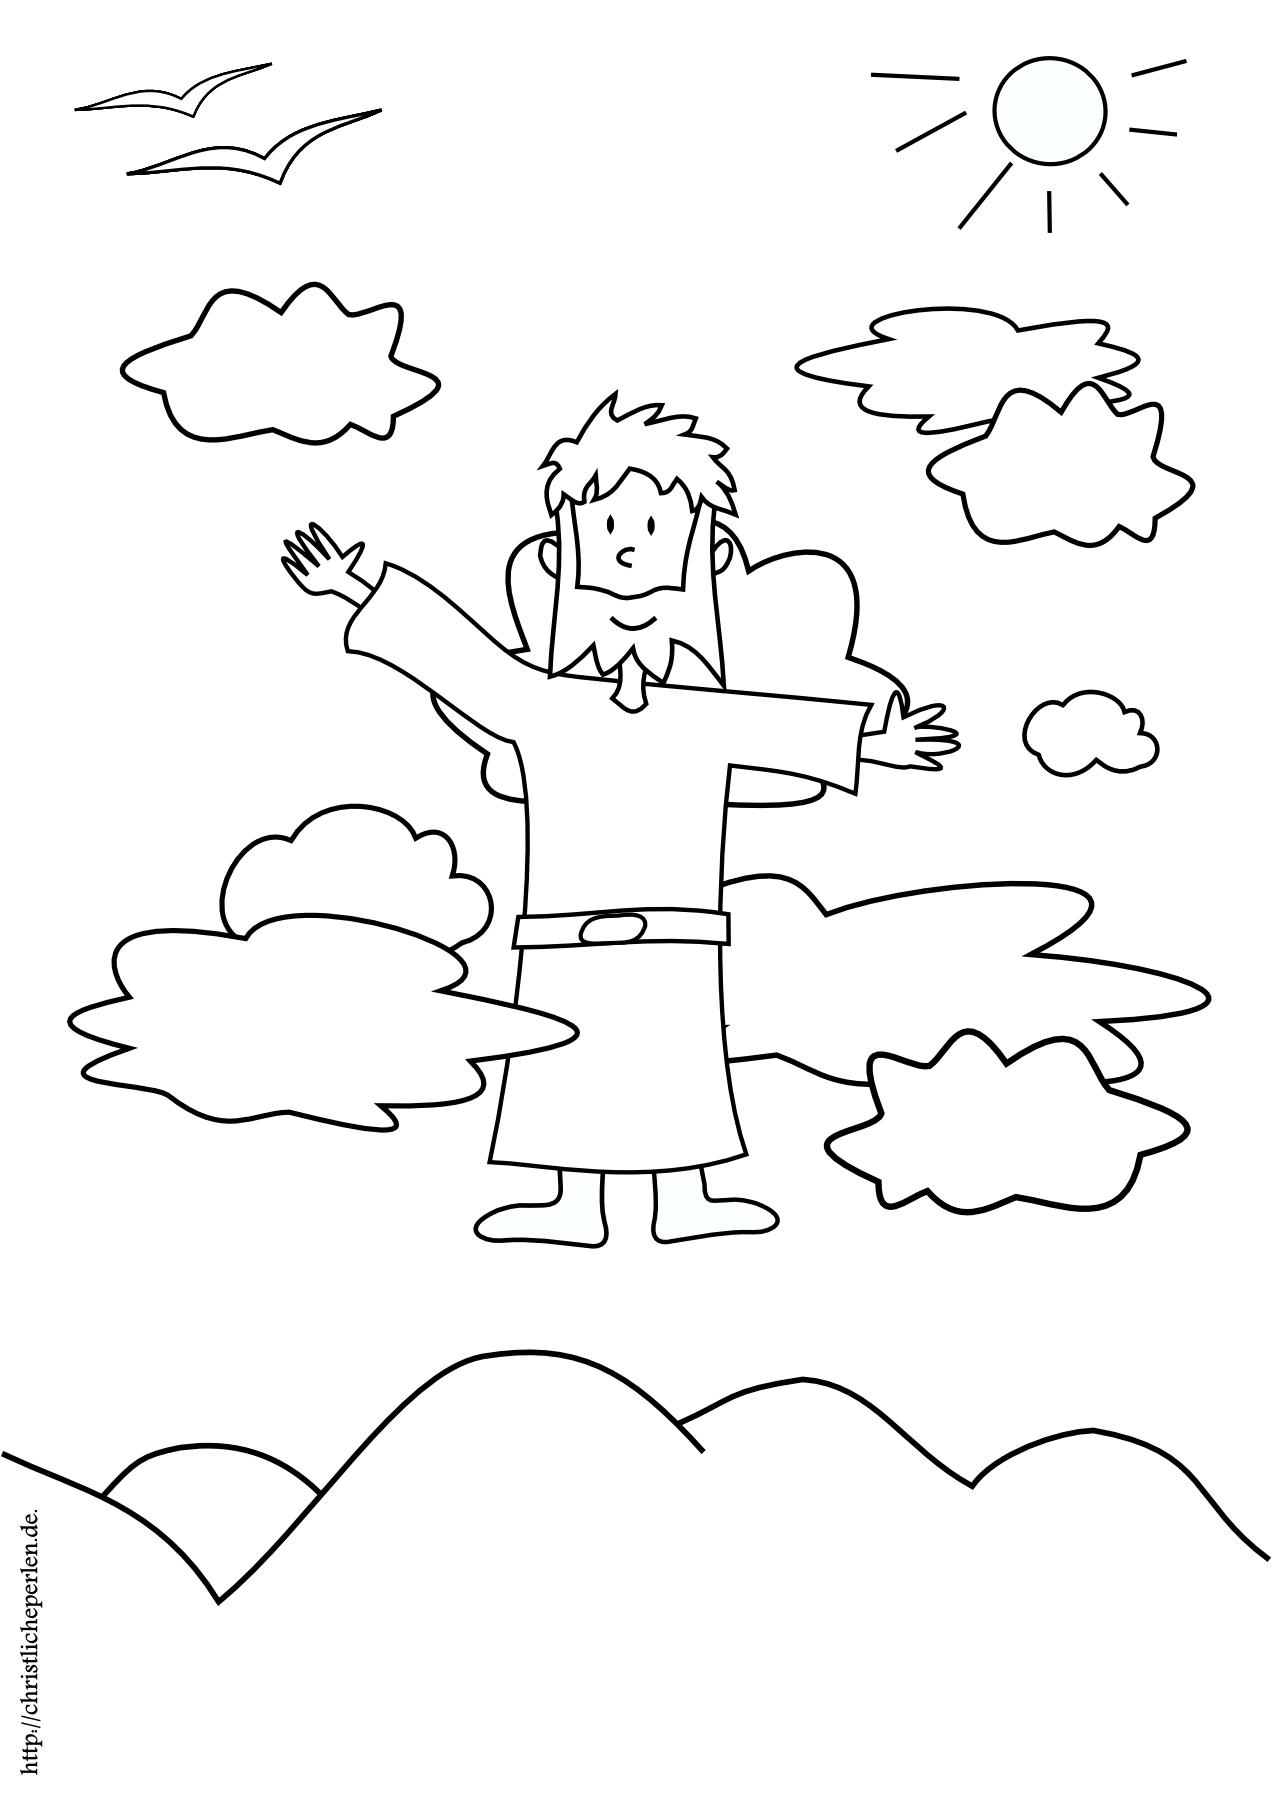 Himmelfahrt ausmalen | Himmelfahrt, Christlich und Ausmalen